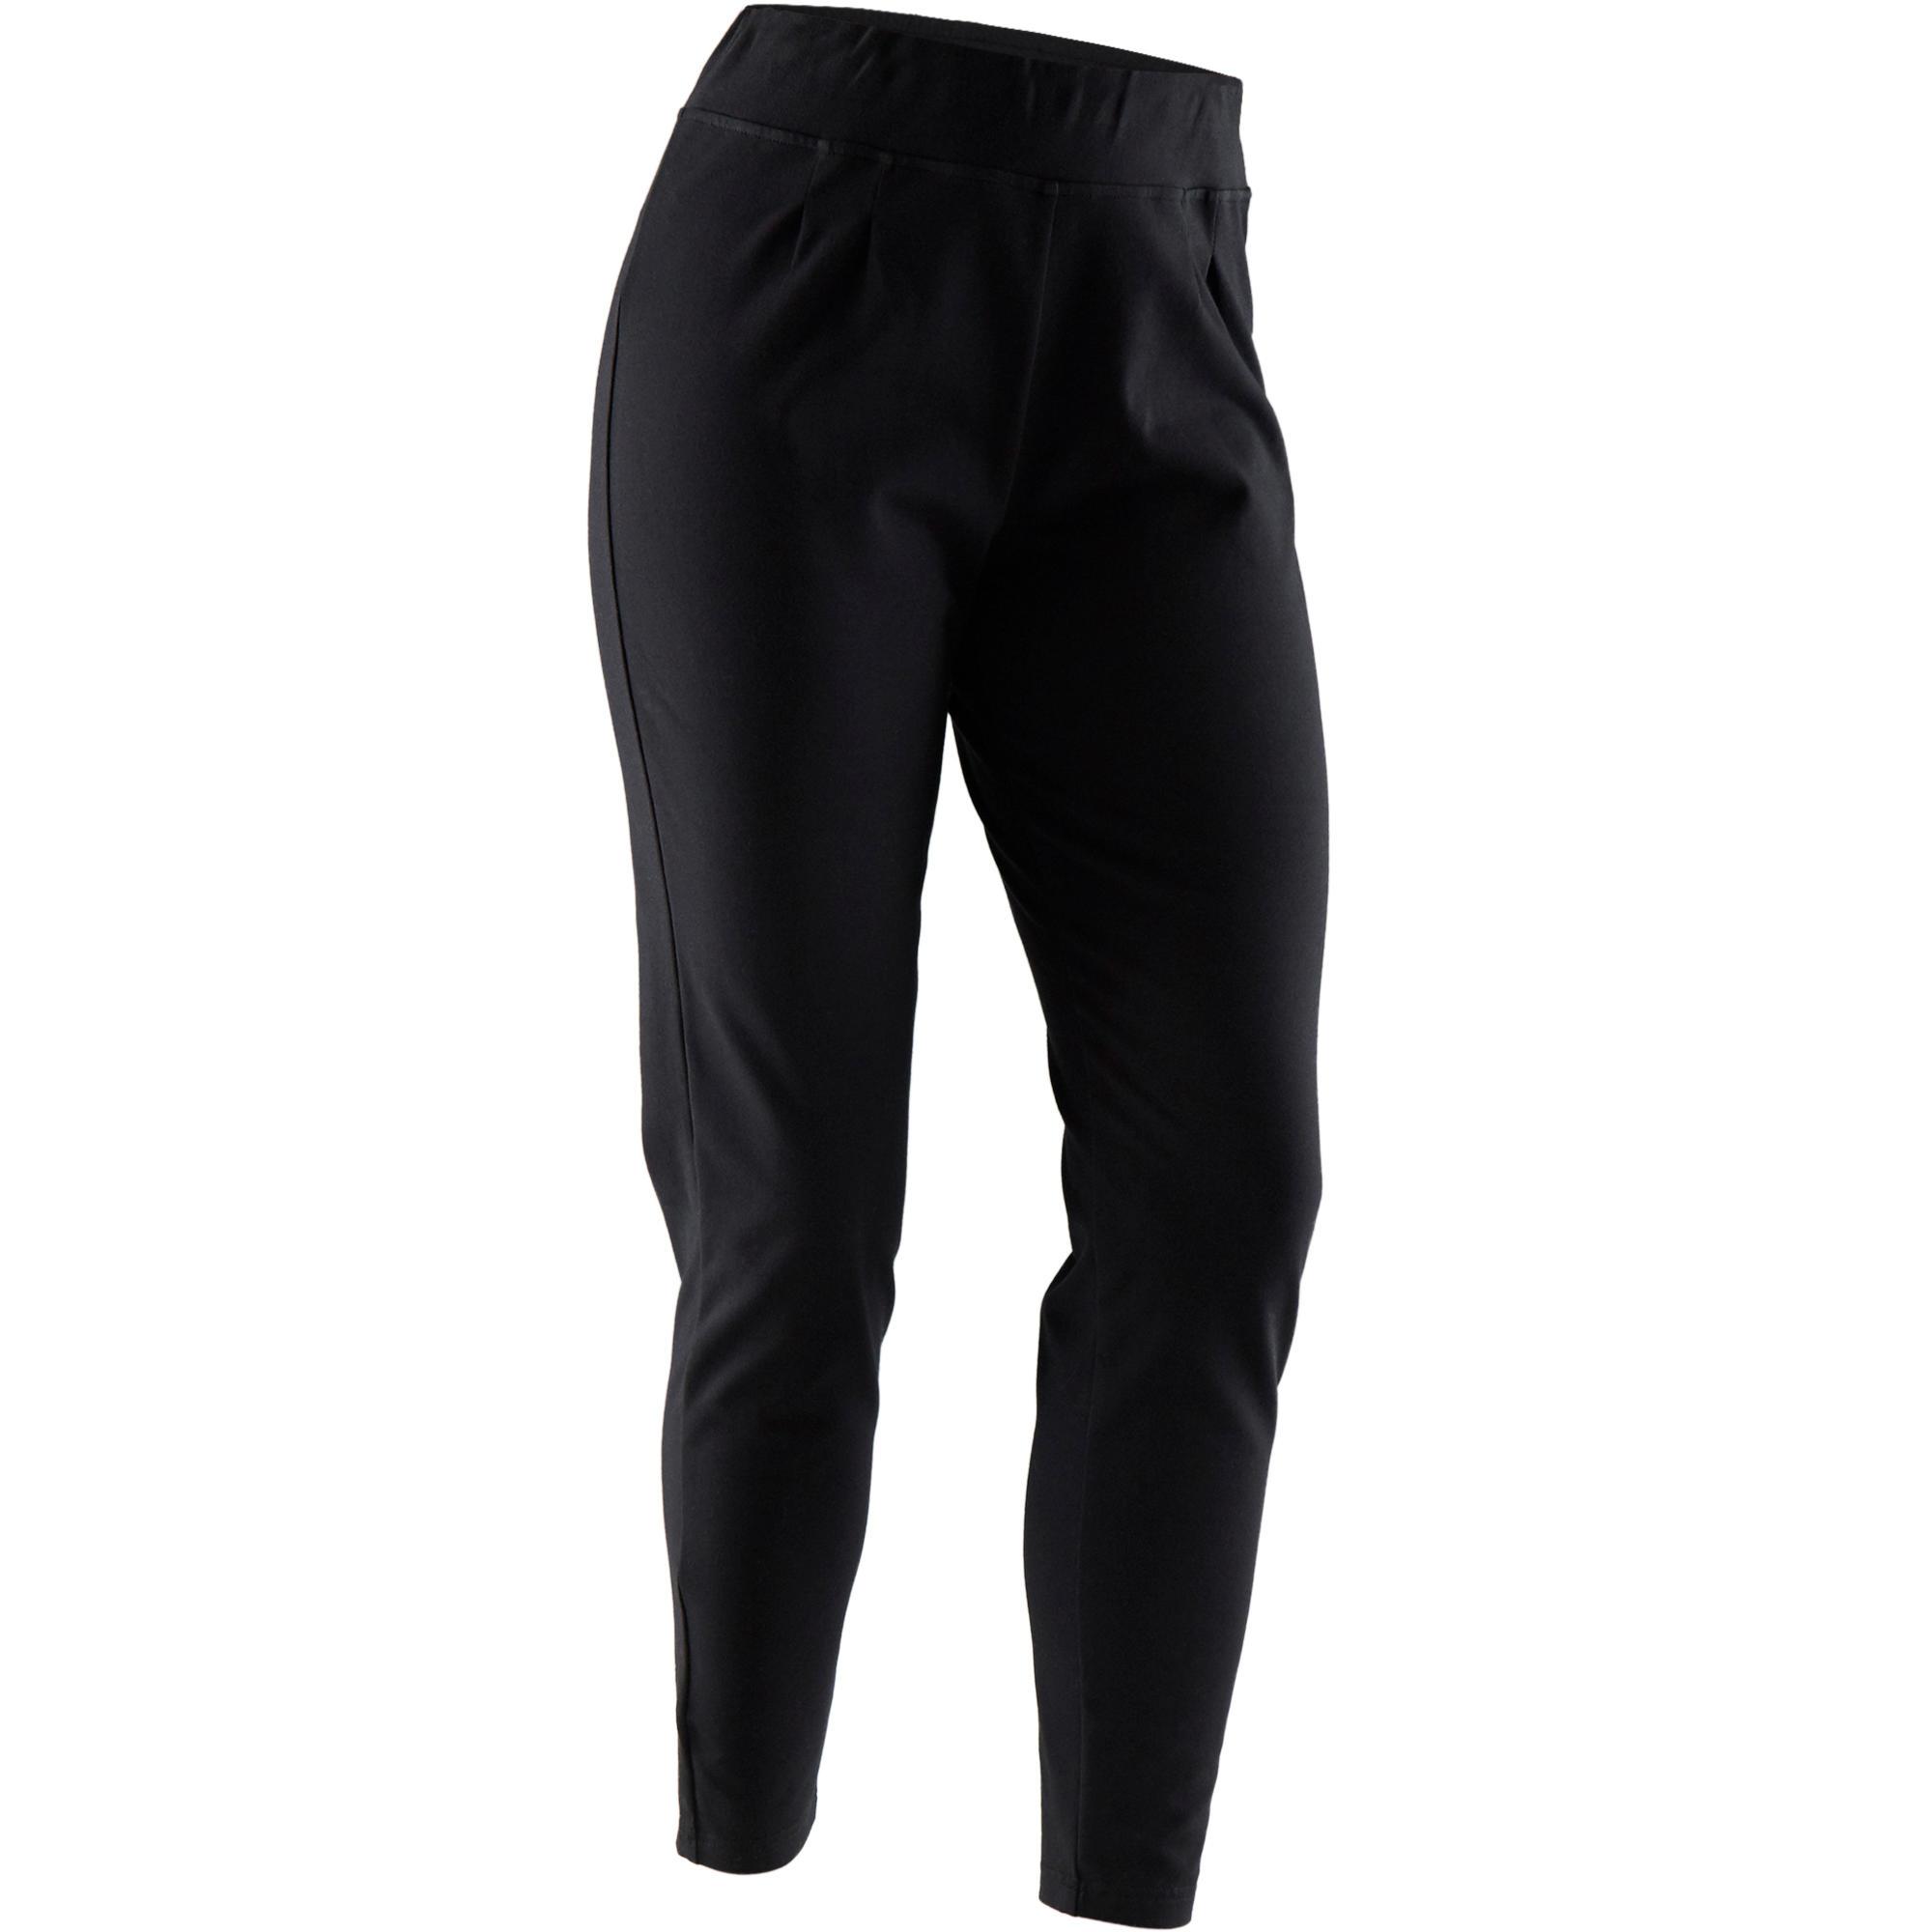 Pantalón 100 de pilates y gimnasia suave mujer negro